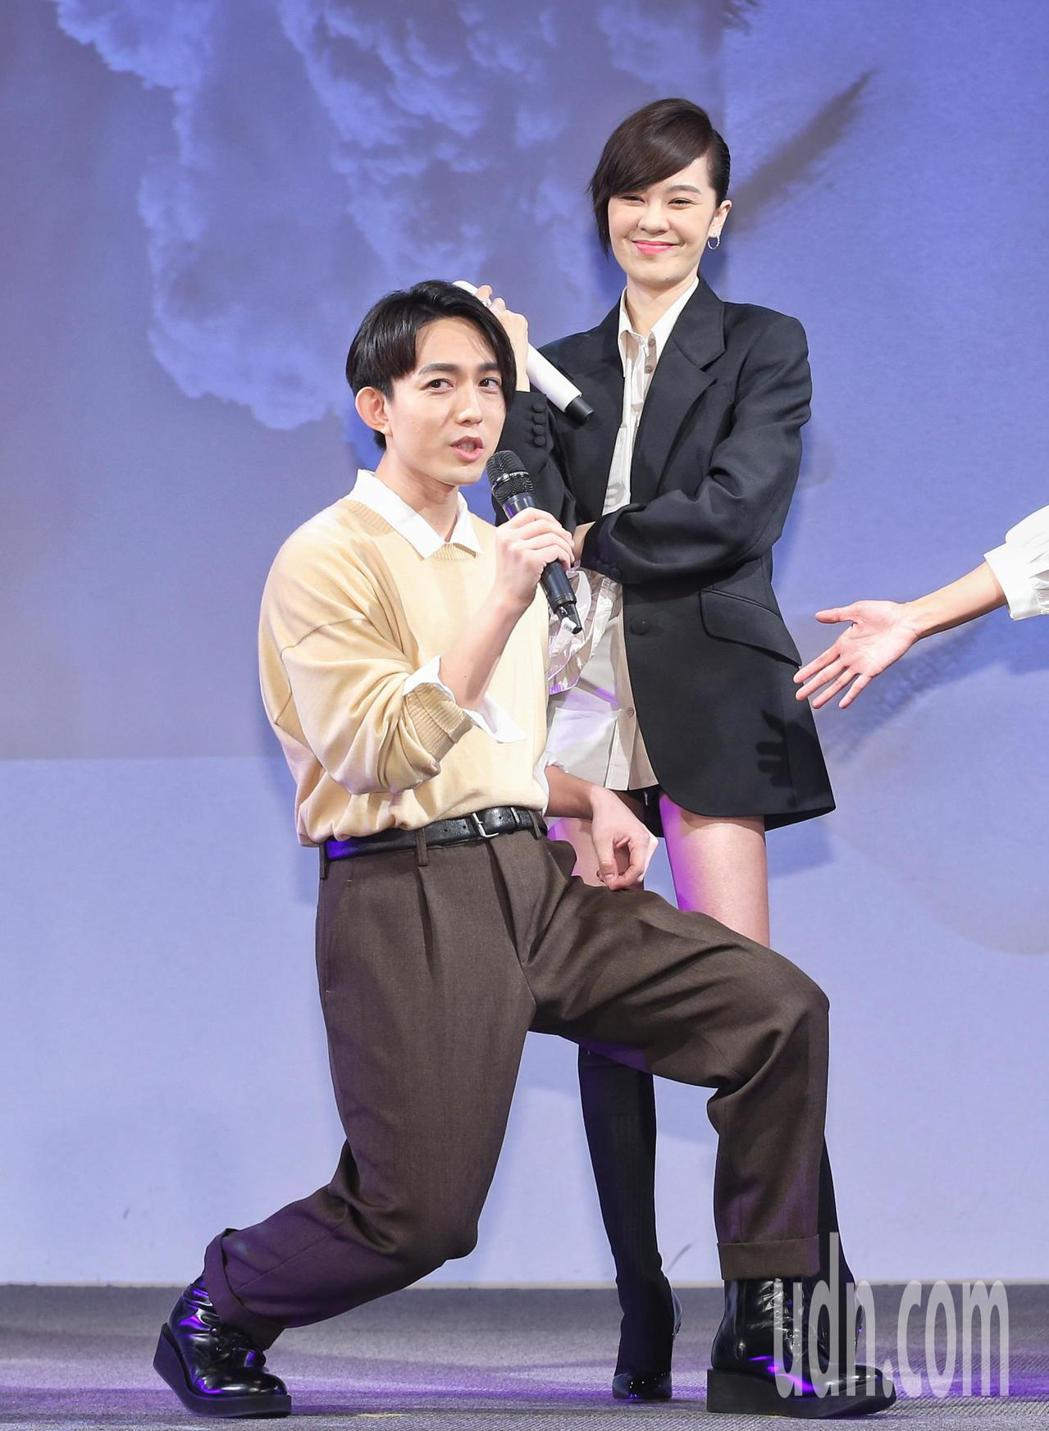 林宥嘉(左)擋住郁可唯(右),笑說不要讓美腿模糊歌聲焦點。記者鄭清元/攝影